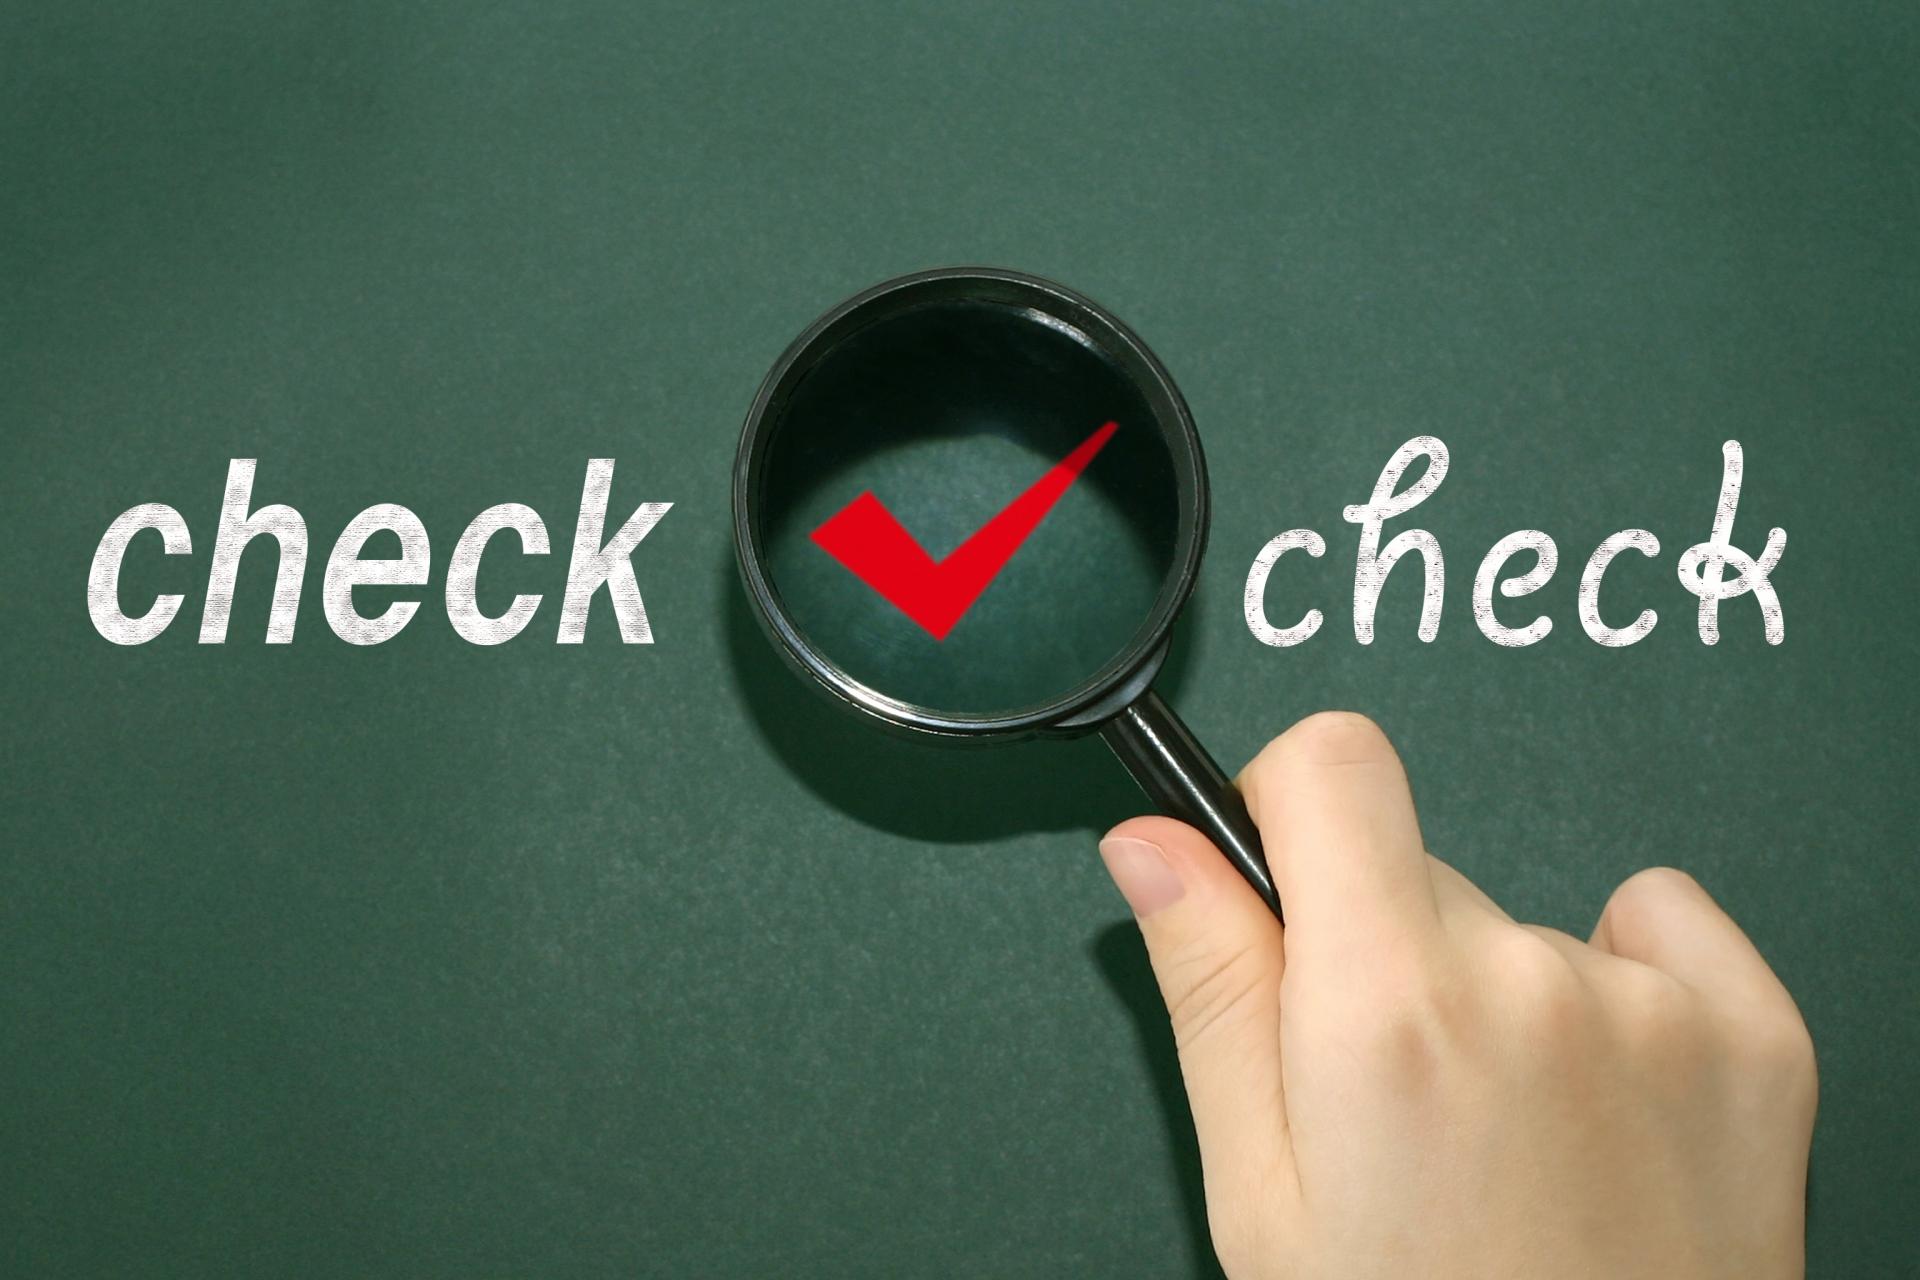 業務改善の今すぐできるアイデア4選_チェック